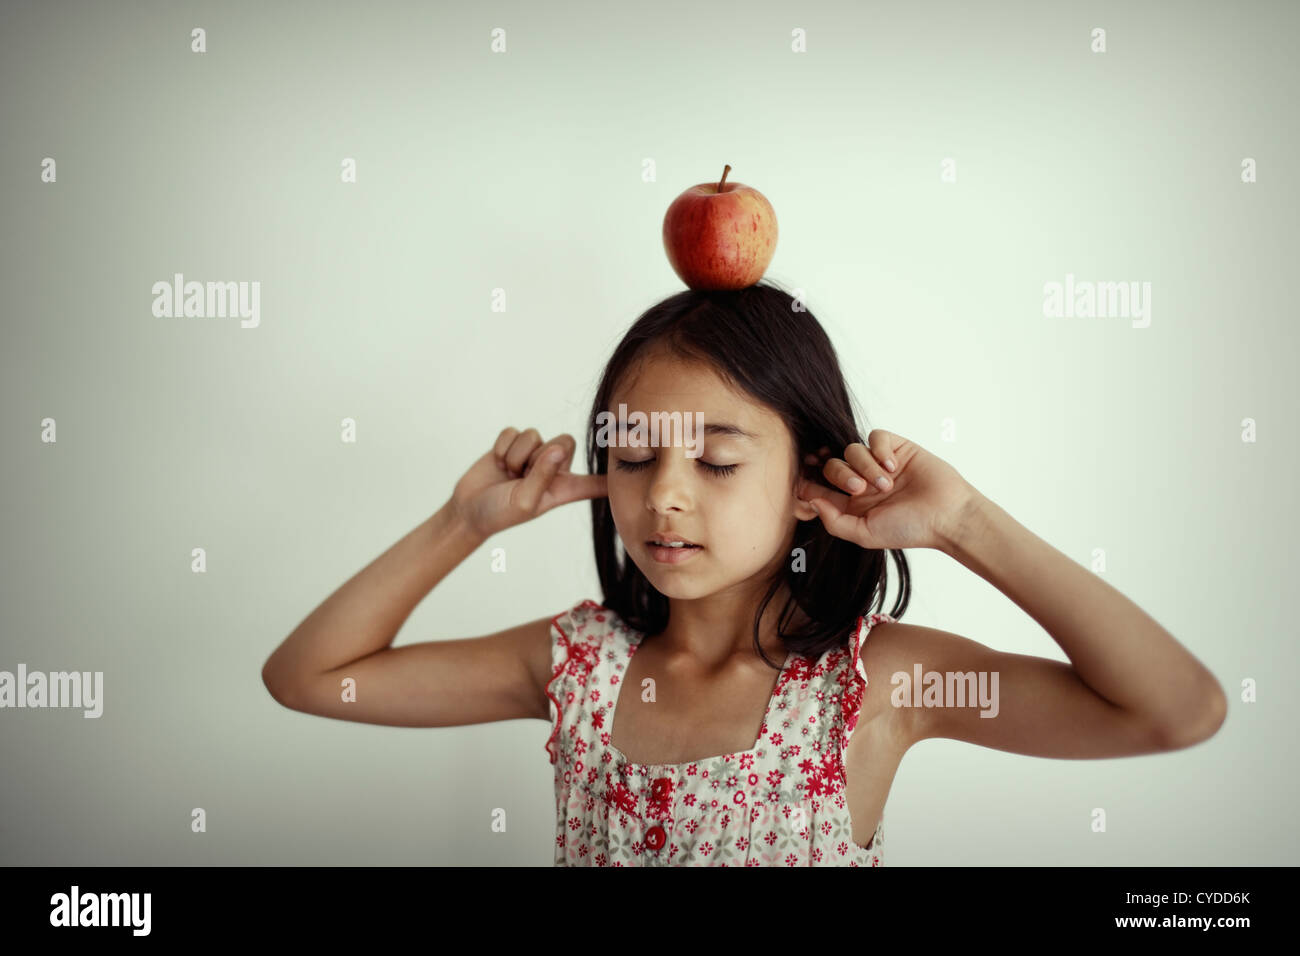 Soldes fille apple sur la tête avec les yeux fermés et les doigts dans les oreilles. Banque D'Images